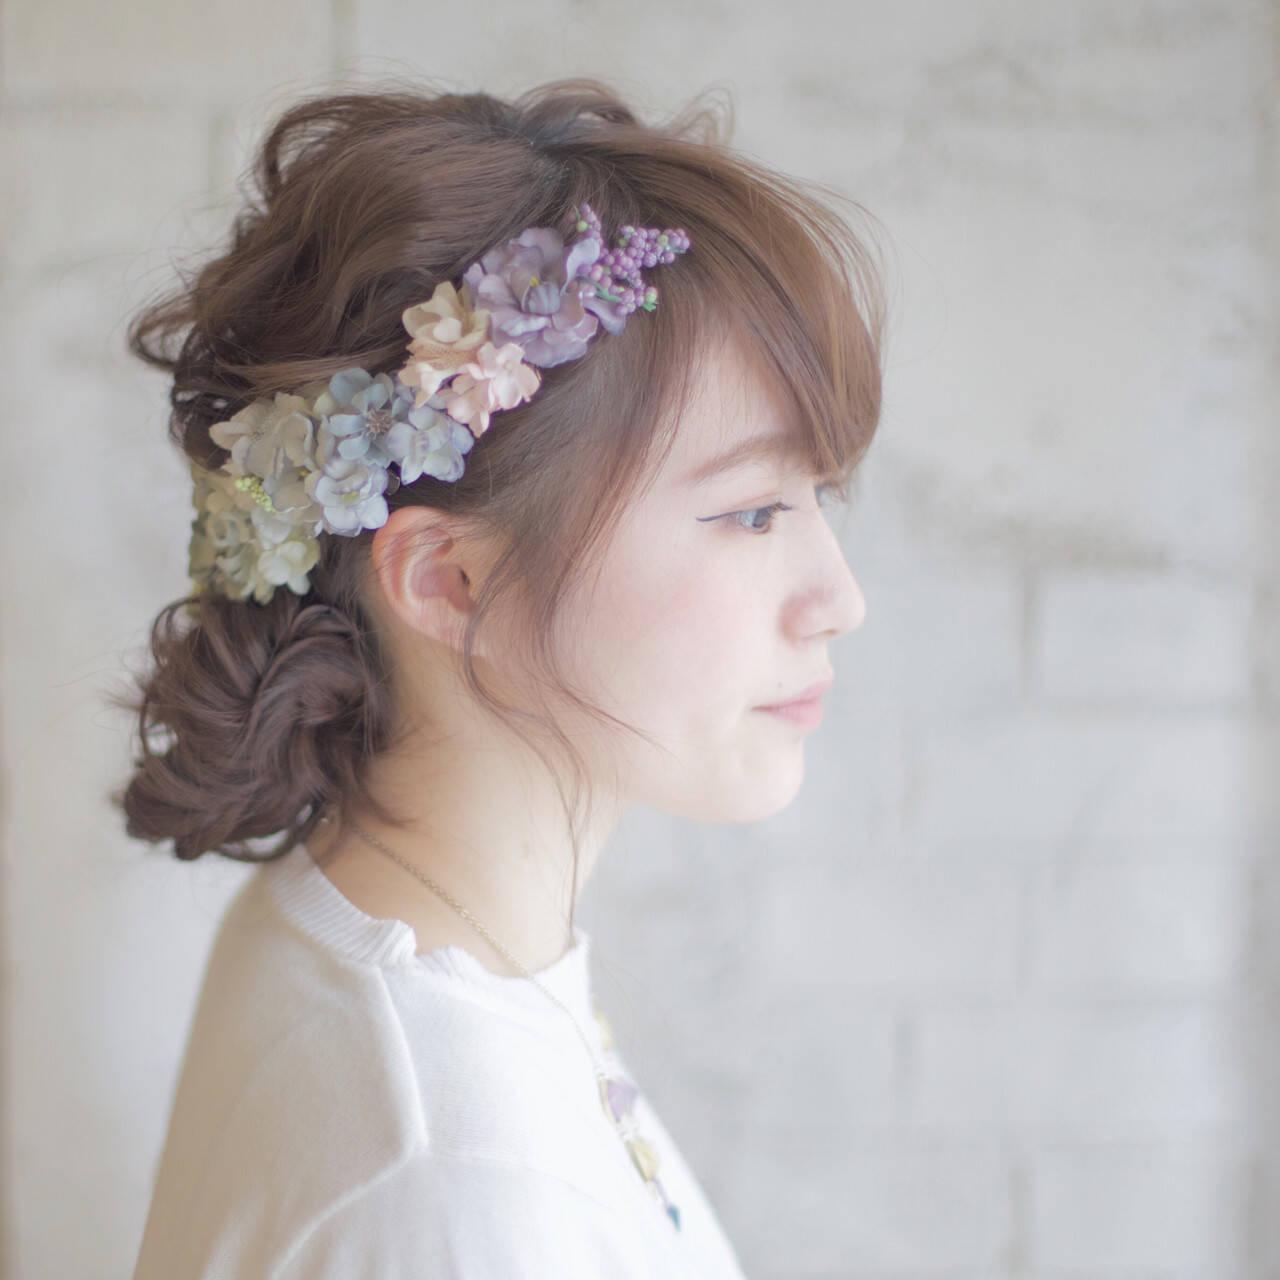 ヘアアレンジ ミディアム 花嫁 結婚式ヘアスタイルや髪型の写真・画像